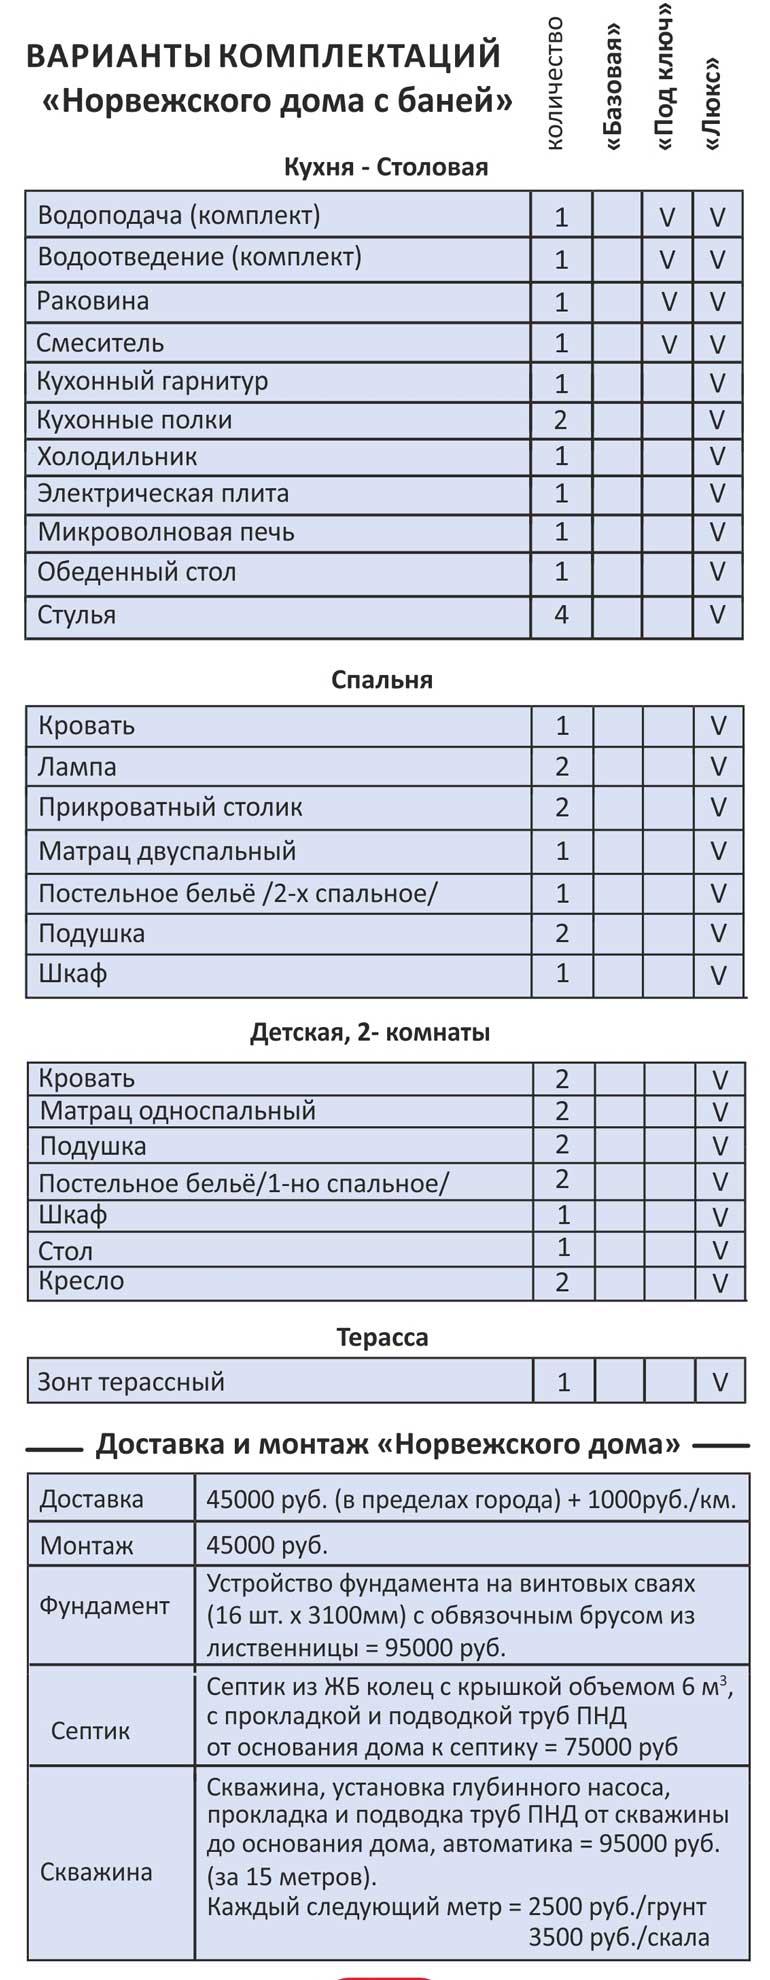 norvezhskiy-dom-banya-60-skandis-kursk